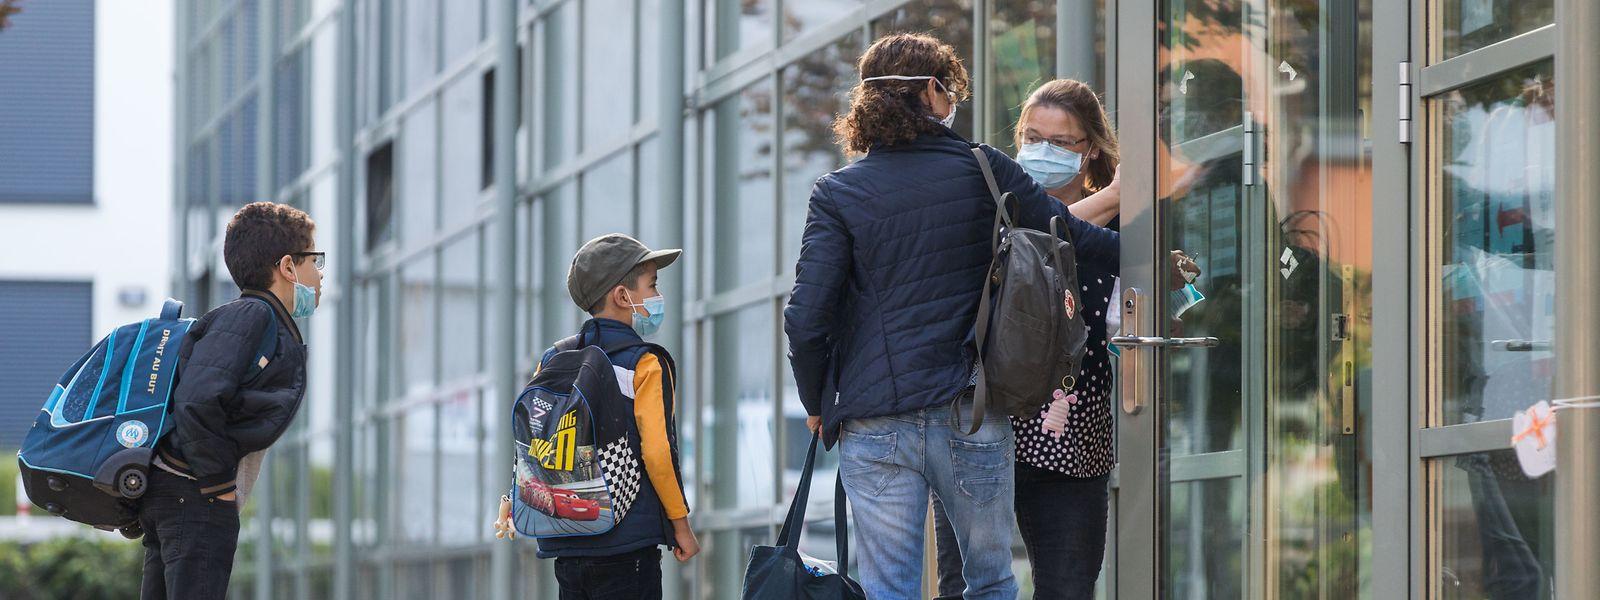 Les écoliers et élèves peuvent aussi participer à la campagne de dépistage nationale en cours. Avec autorisation des parents obligatoire.